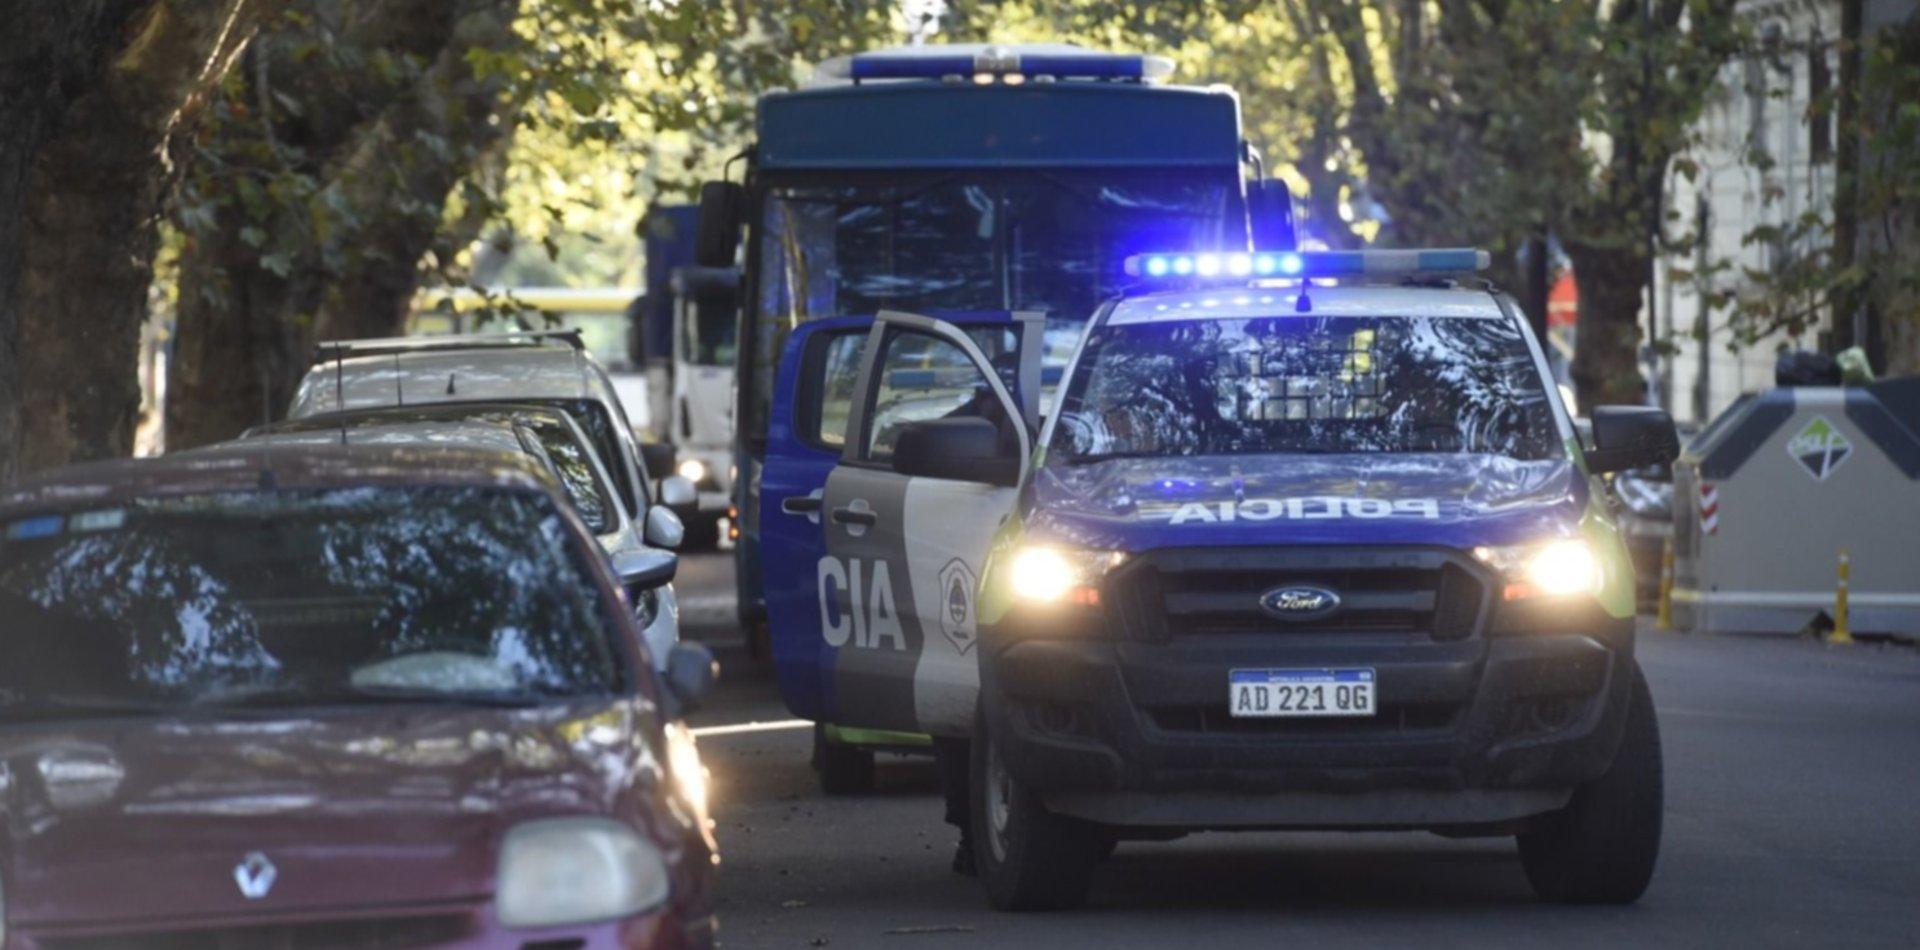 Conmoción en La Plata: hallaron muerto a un hombre en su casa e investigan qué pasó